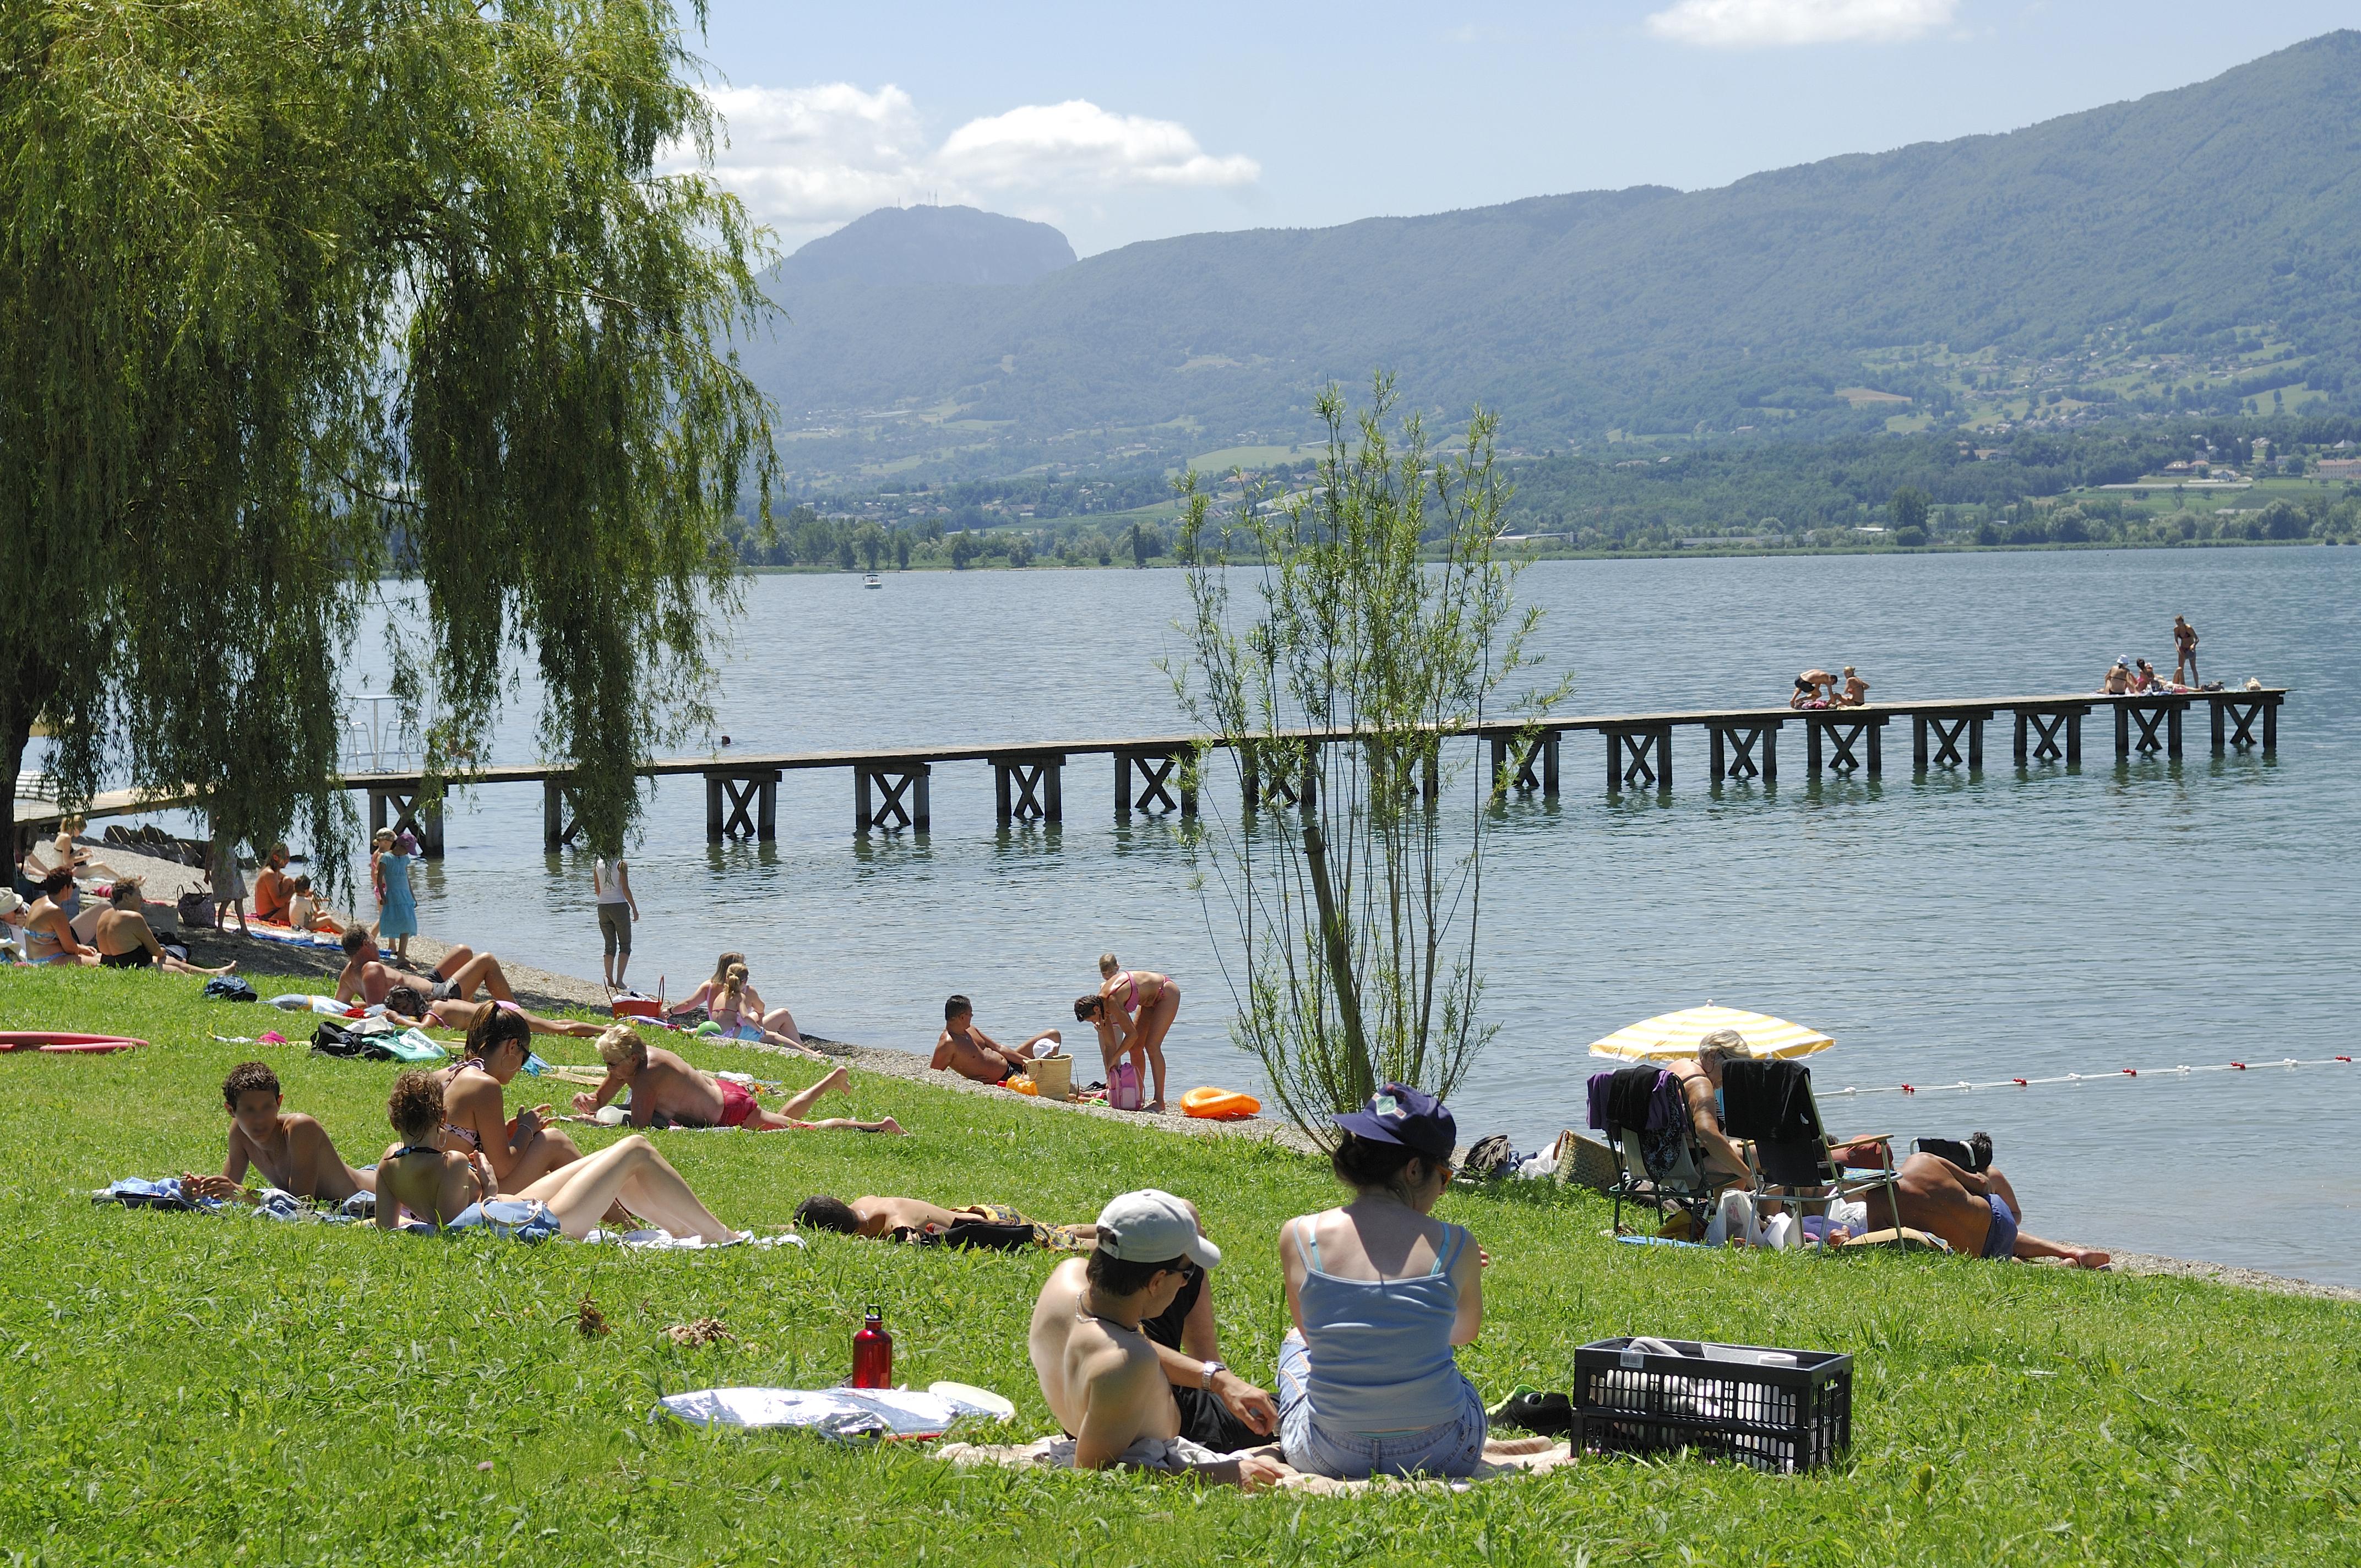 Le Bureau Aix Les Bains : Plage du lido aix les bains riviera des alpes